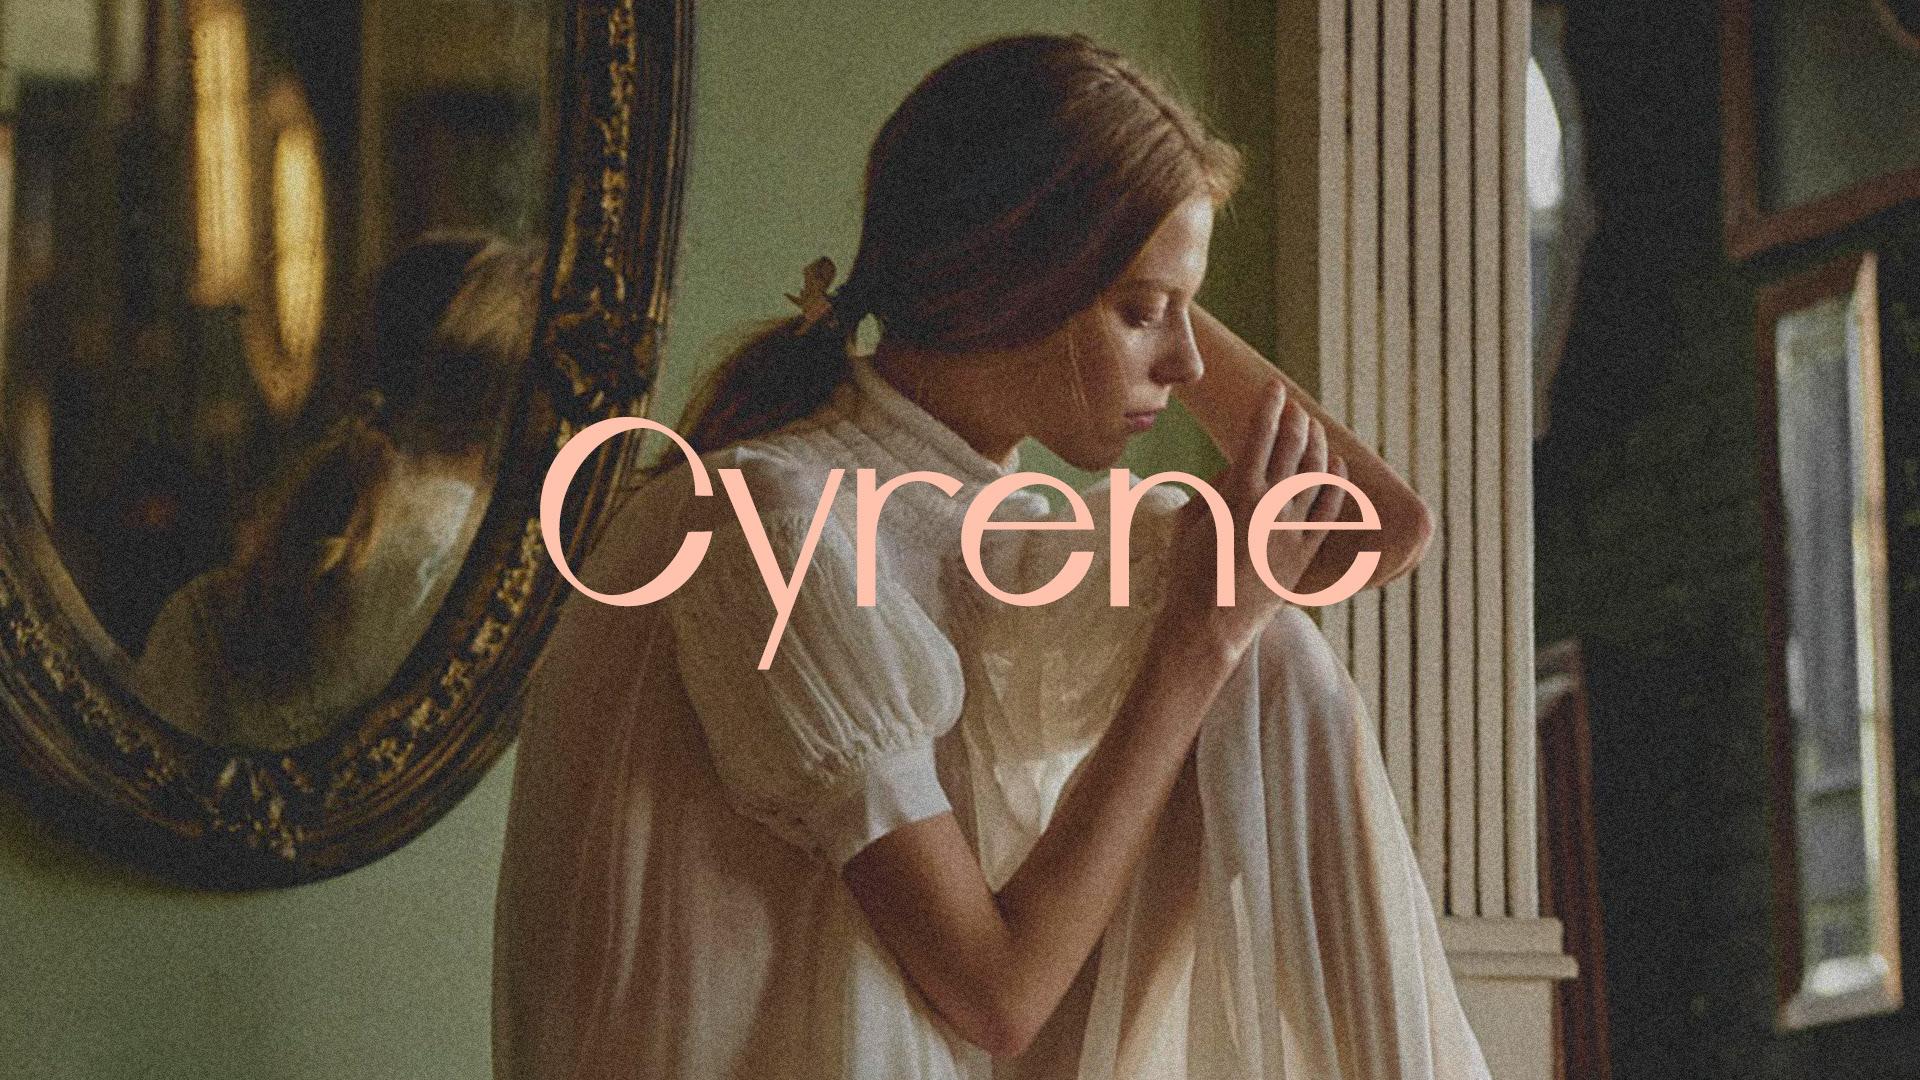 Cyrene Free Font - sans-serif